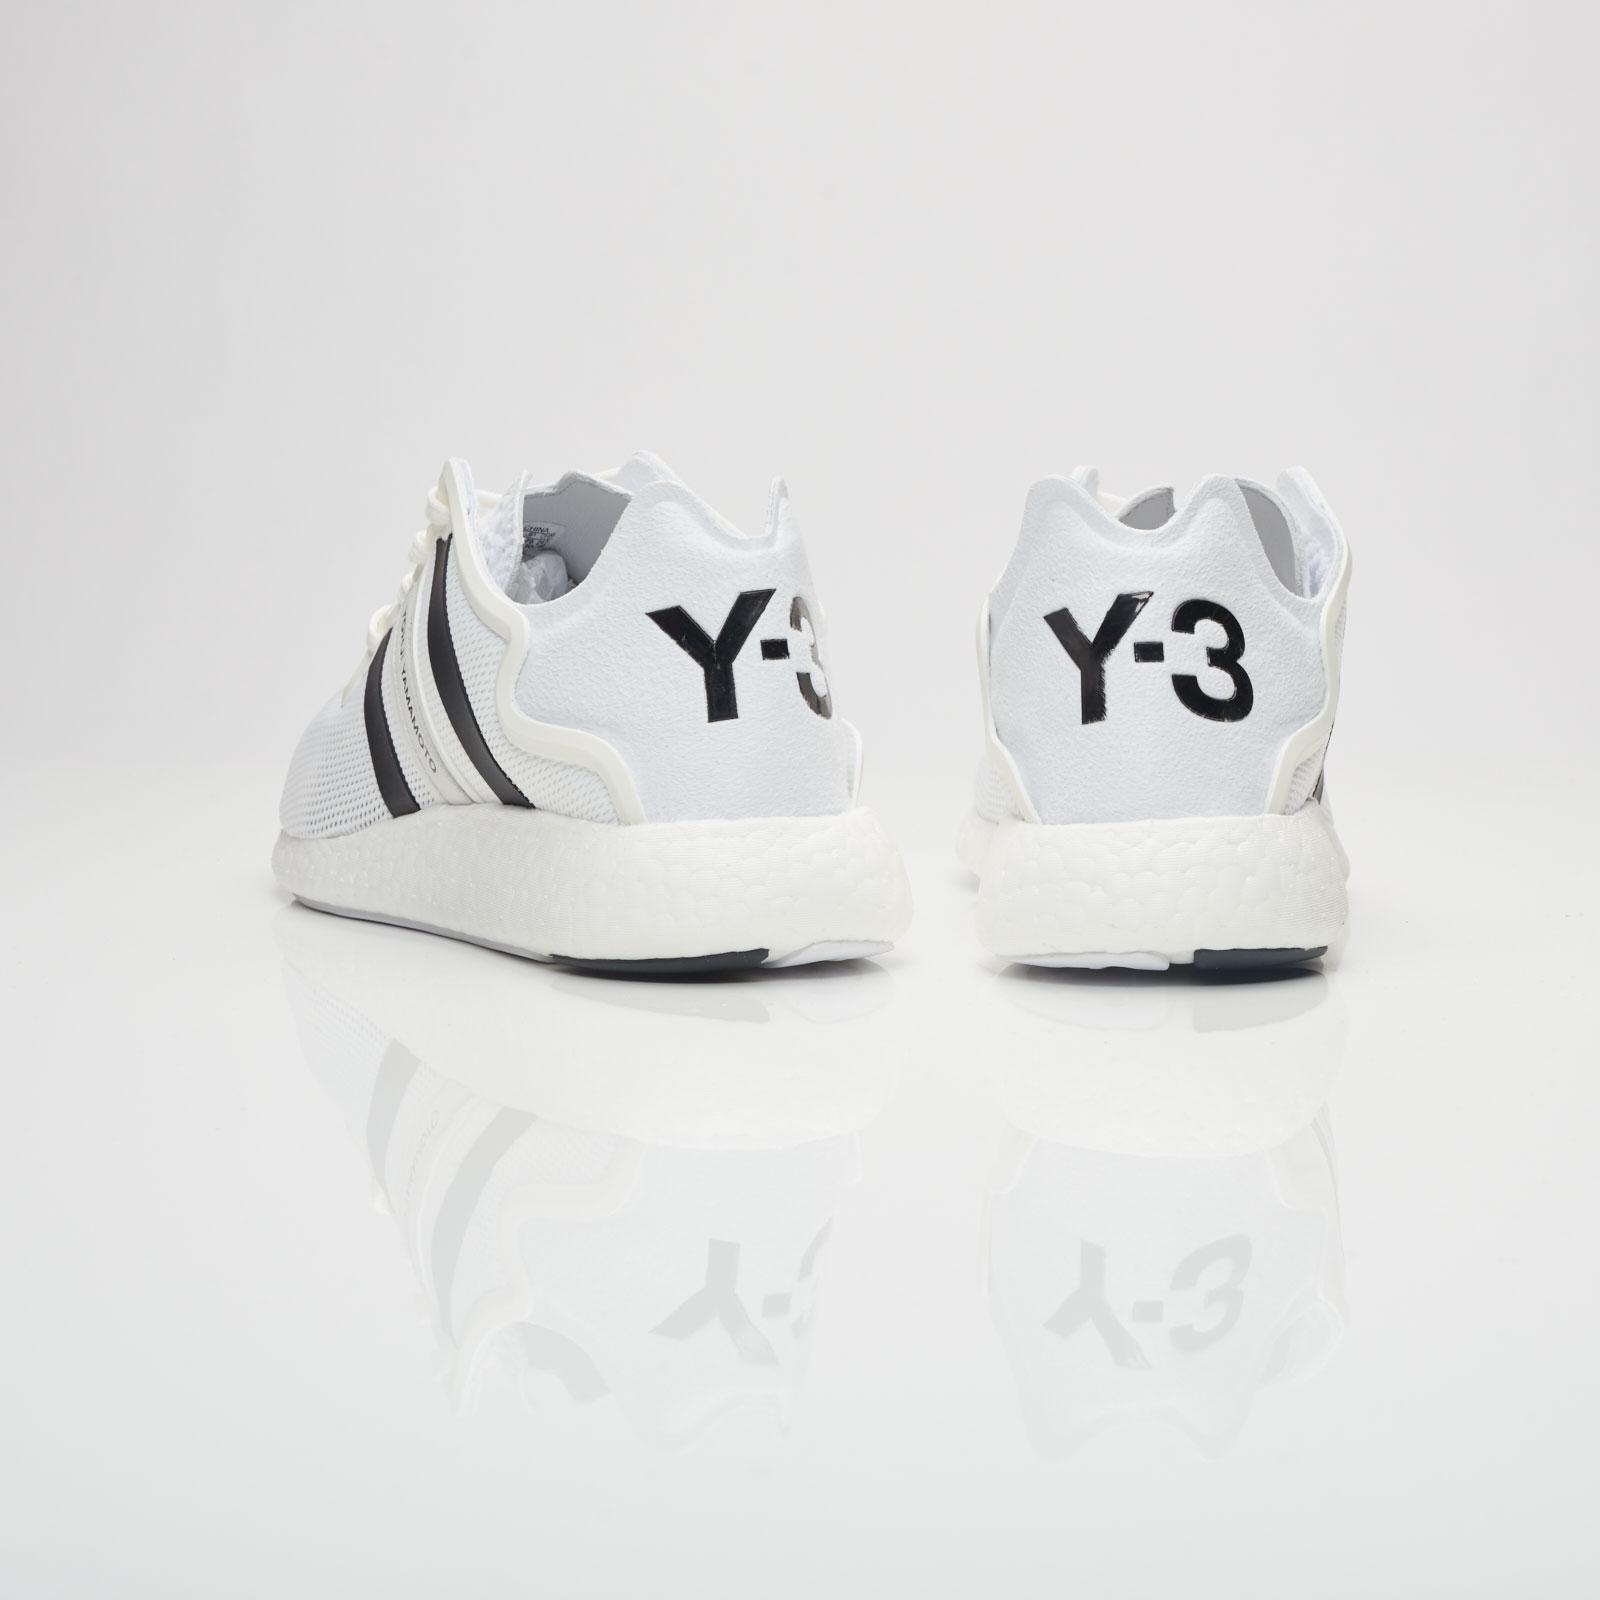 d5056981014a8 adidas Yohji Run - S82117 - Sneakersnstuff